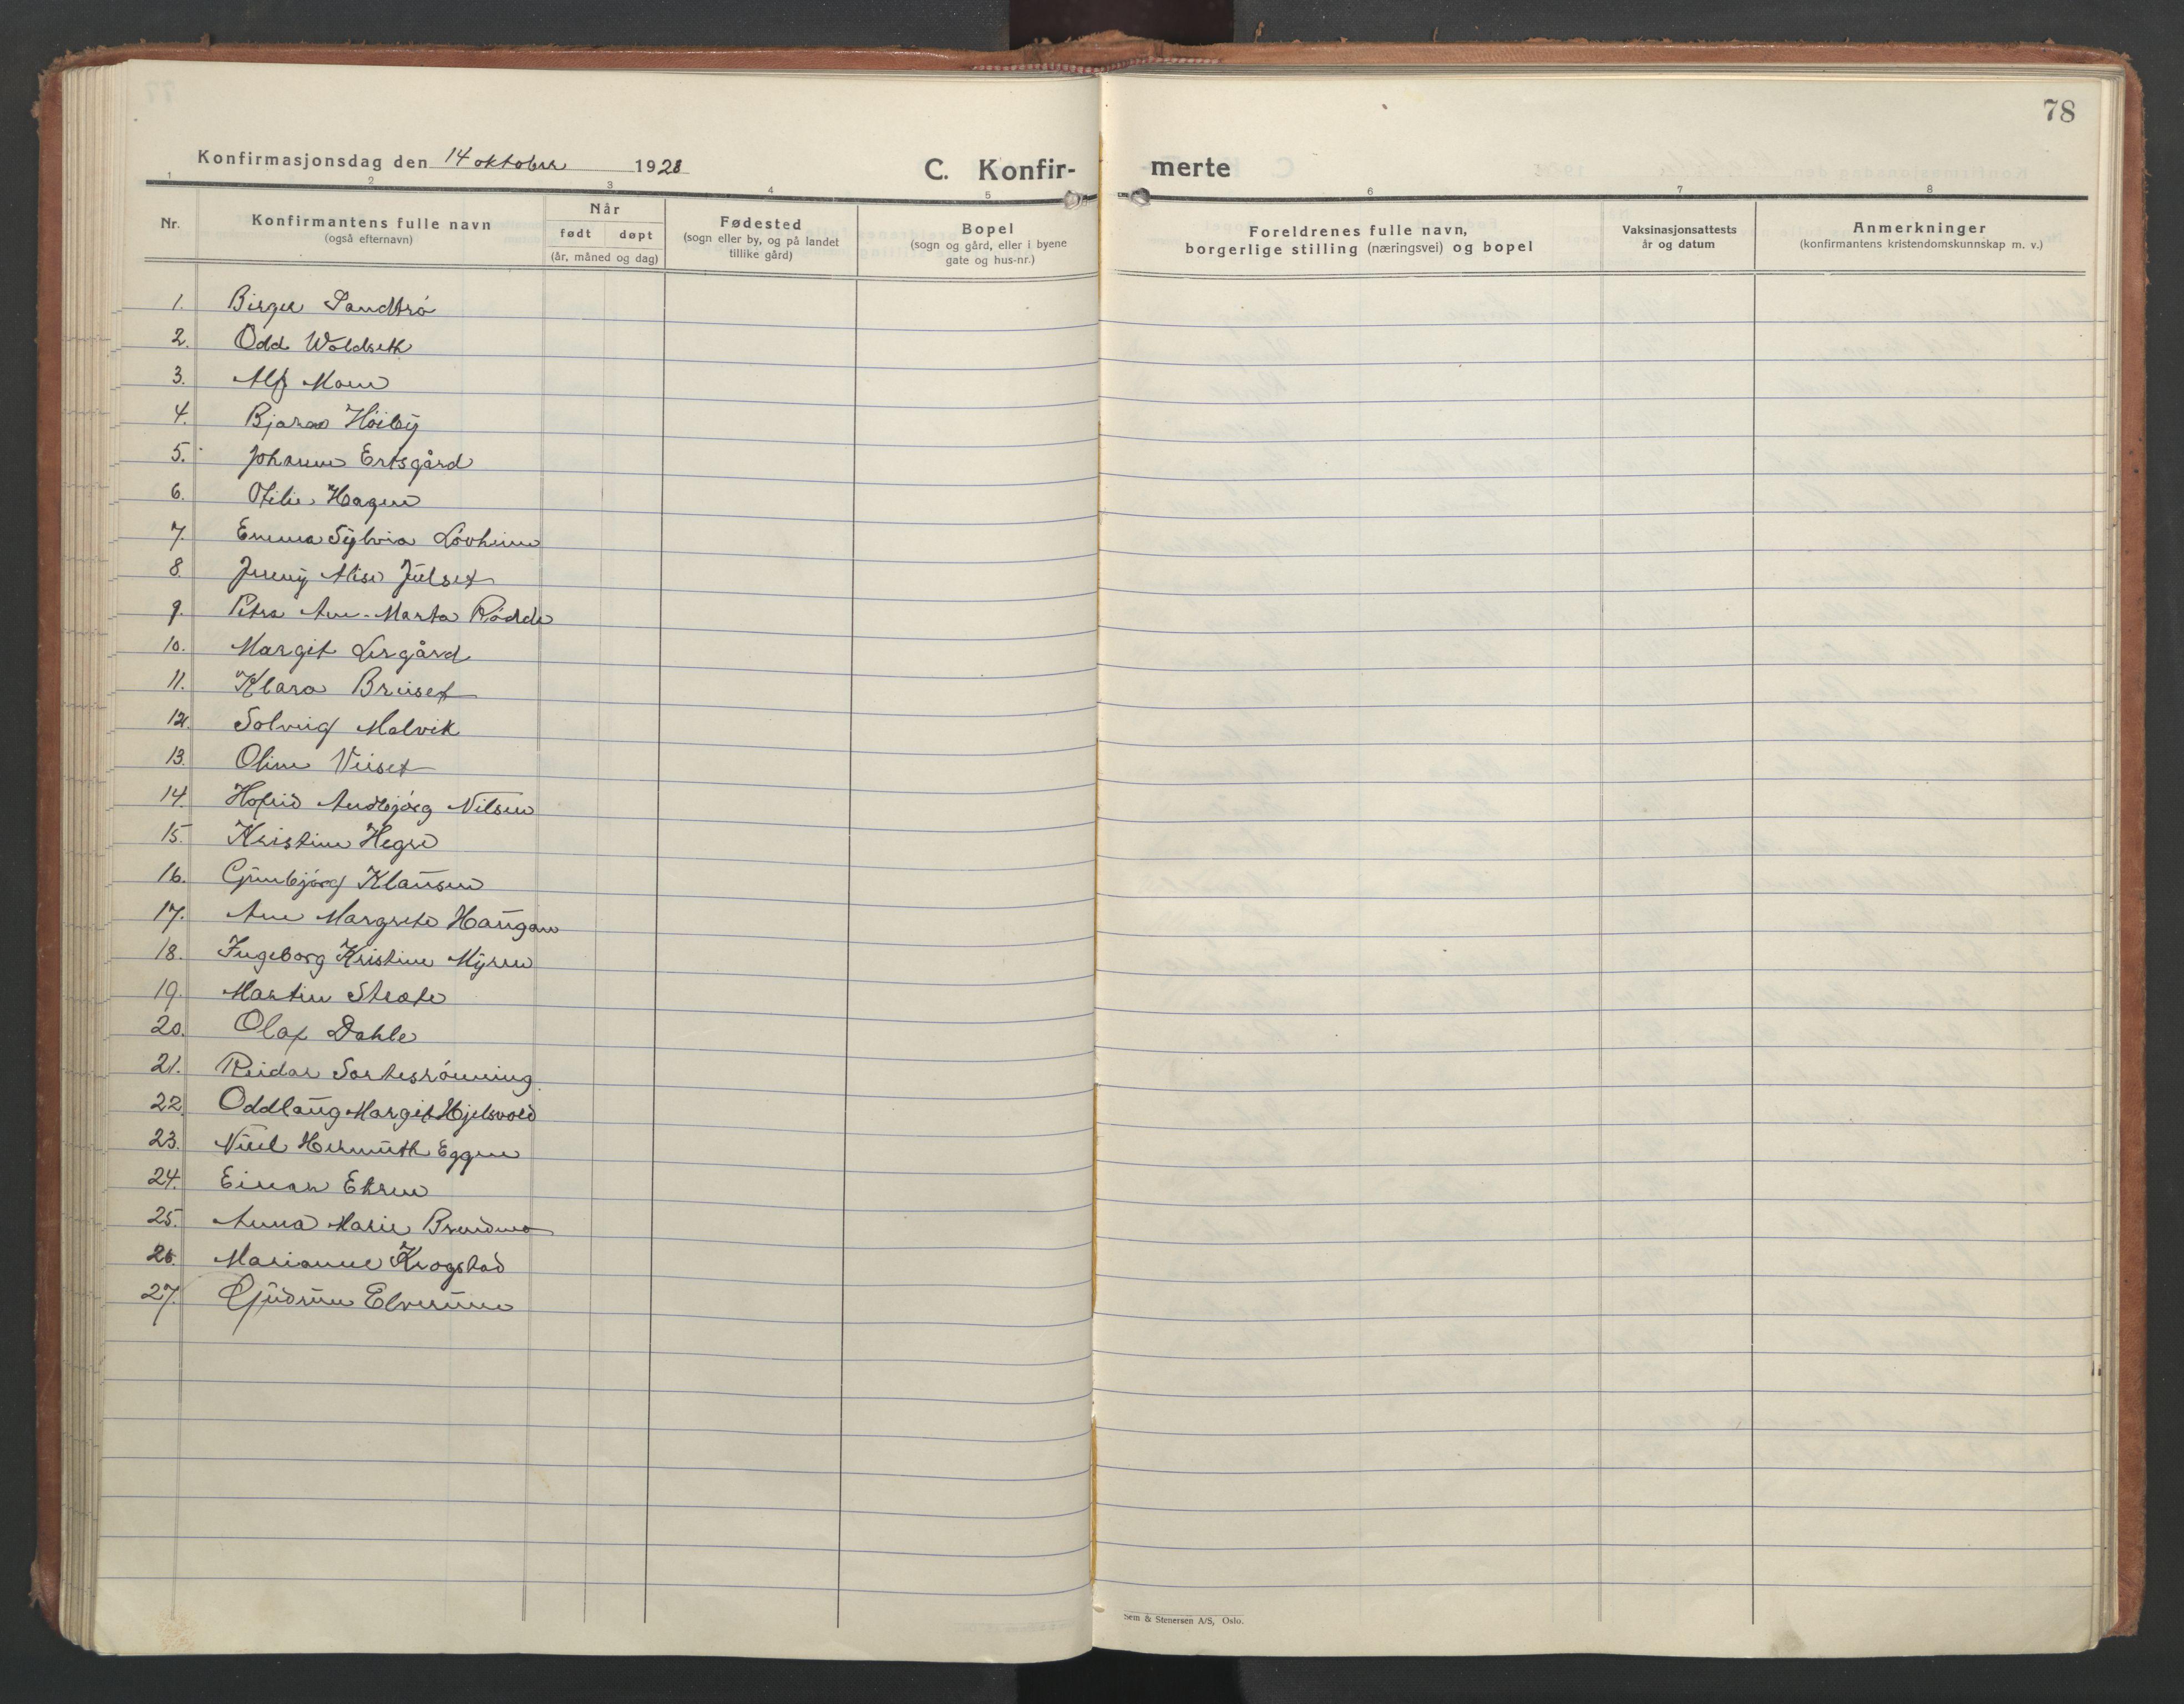 SAT, Ministerialprotokoller, klokkerbøker og fødselsregistre - Nord-Trøndelag, 710/L0097: Klokkerbok nr. 710C02, 1925-1955, s. 78